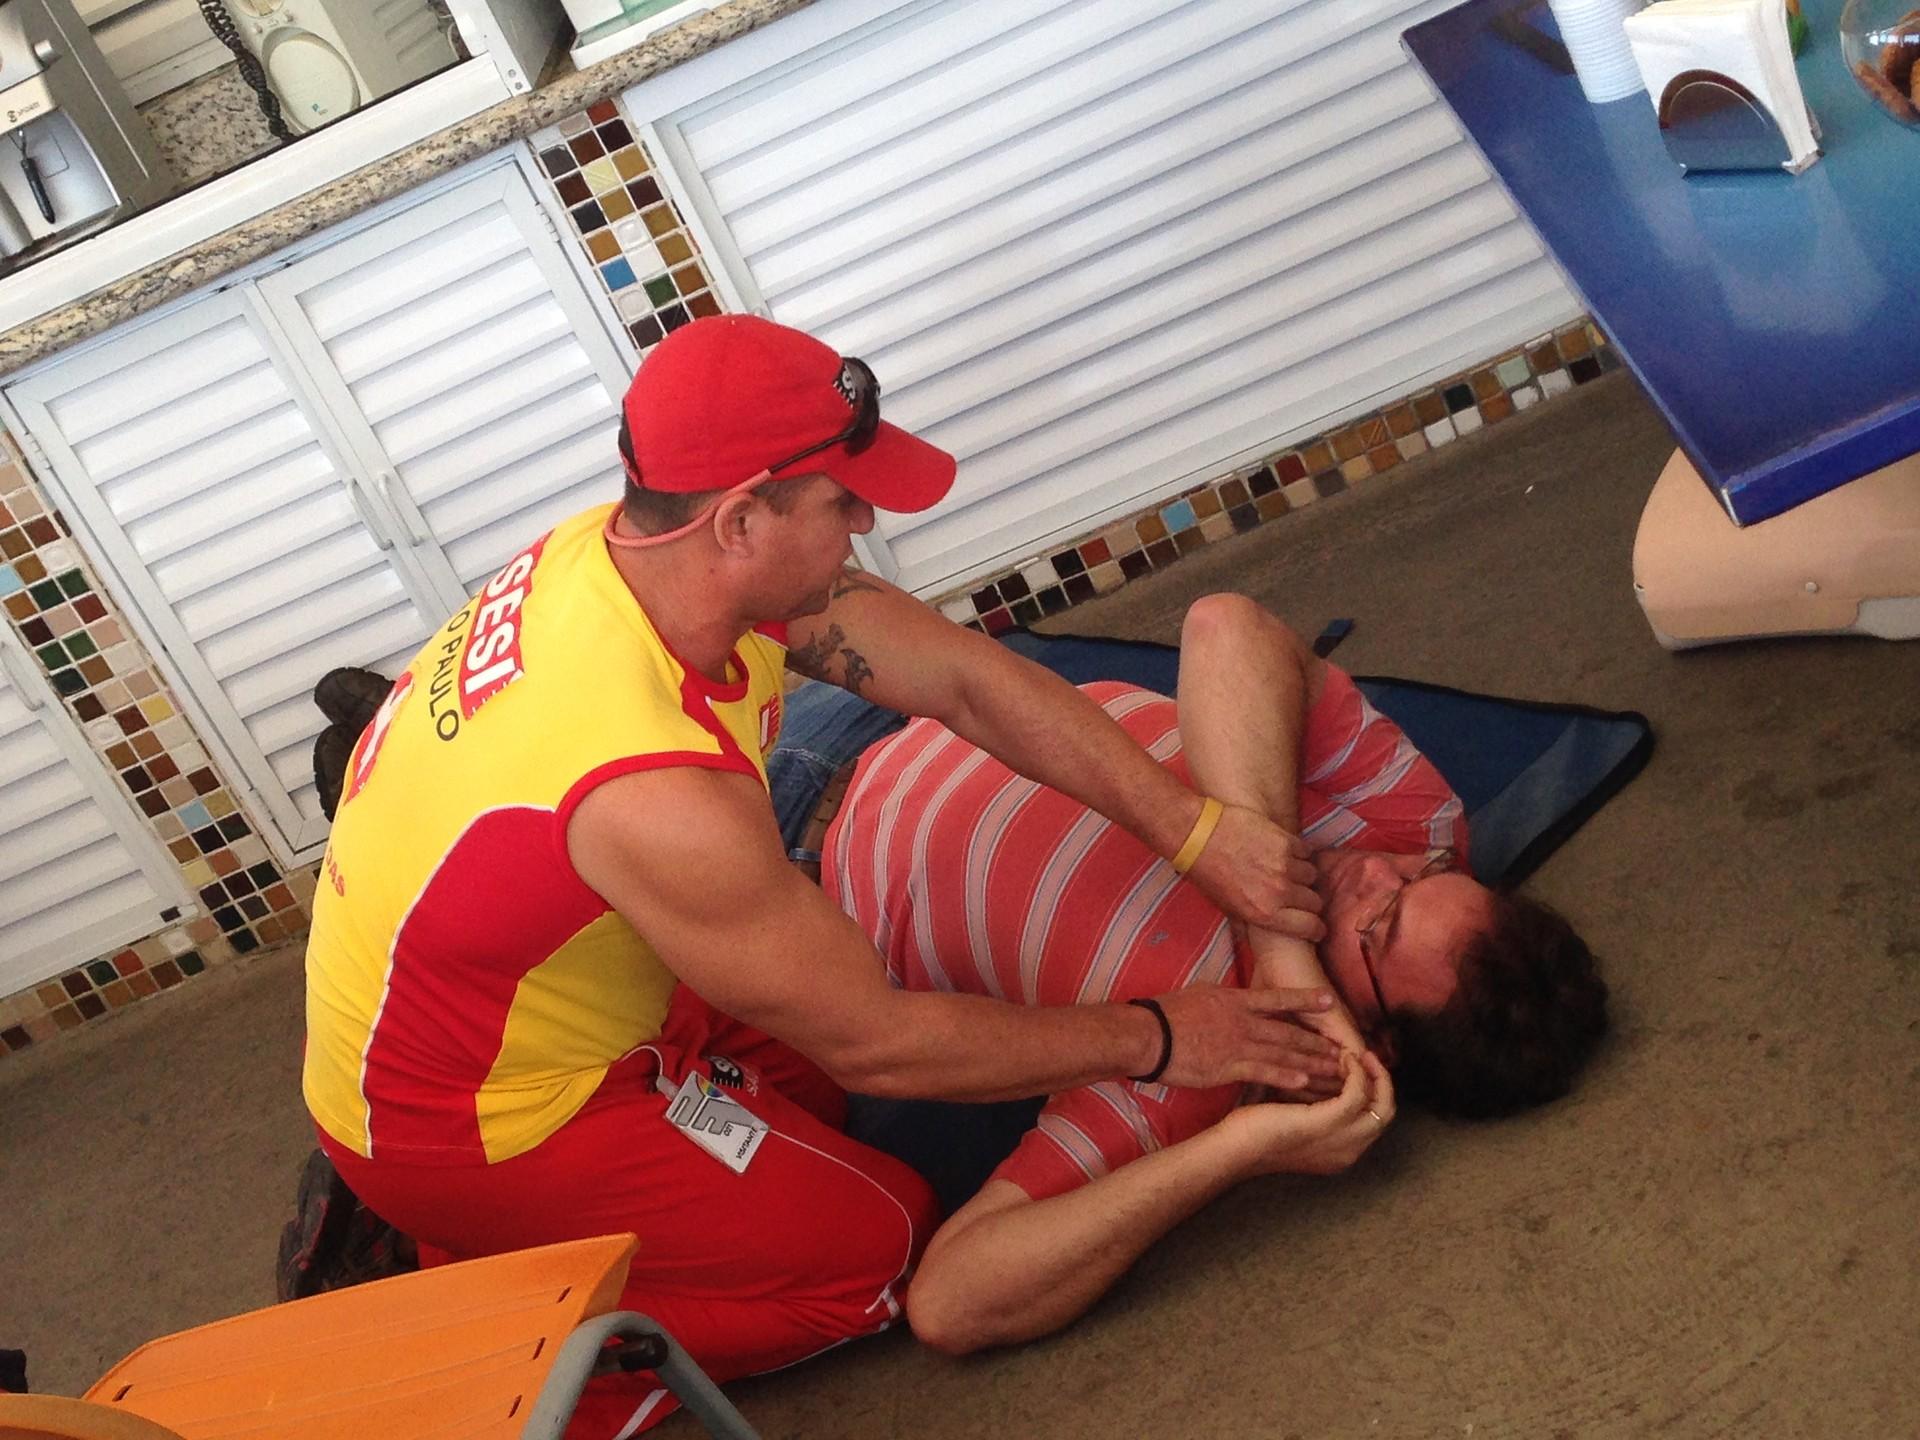 Funcionários da TV Tribuna recebem treinamento de primeiros socorros (Foto: Izabella de Paula)